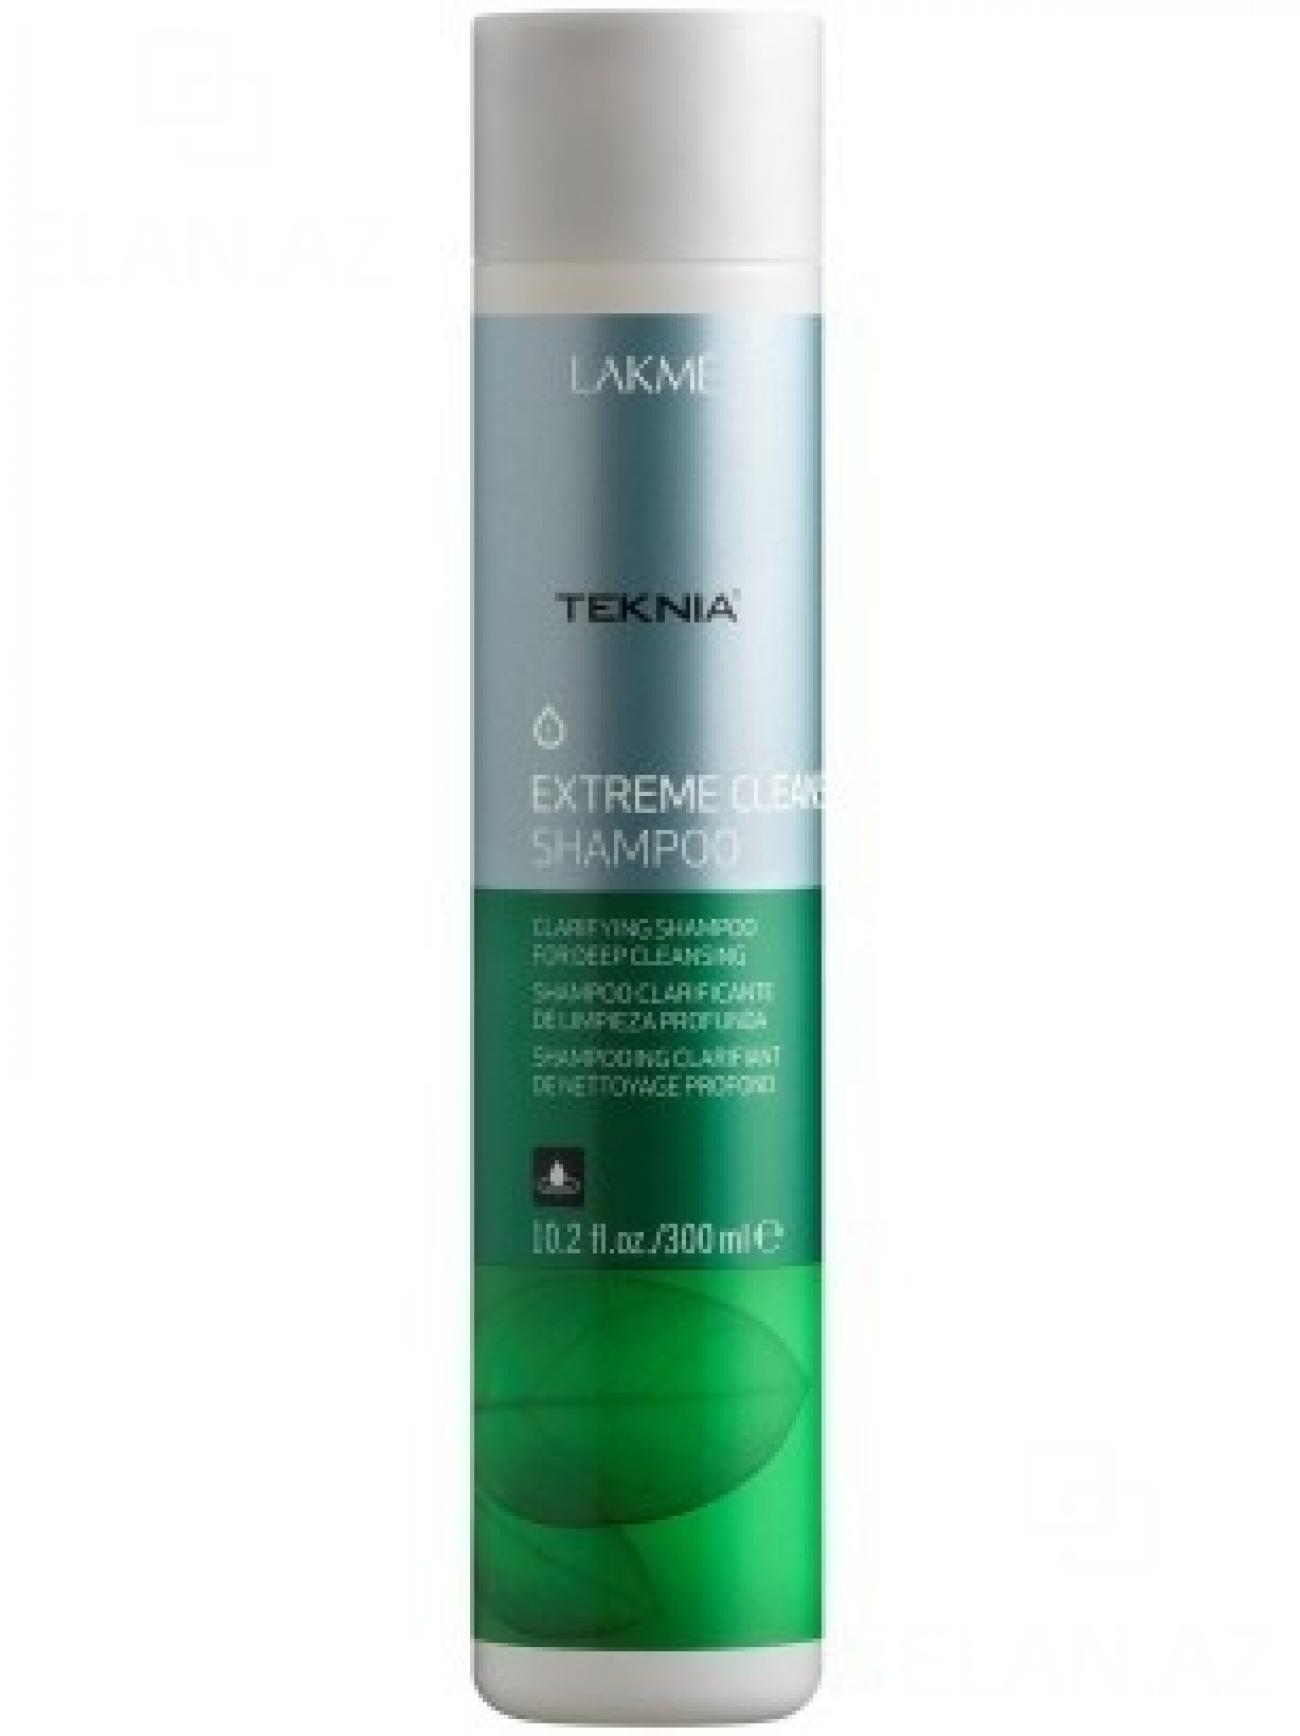 Lakme Шампунь для глубокого очищения Shampoo, 100 мл2094132Обогащенный фруктовыми кислотами и экстрактом зеленого чая, он придает волосам естественный блеск и мягкость. Вытяжка из плодов индийского каштана оказывает вяжущее, антисептическое действие и обеспечивает глубокое очищение , как волос, так и кожи головы. Мягкая формула эффективно удаляет остатки укладочных средств и запахи, не вызывает раздражения. Входящий в состав ментол, мгновенно дает ощущение свежести. Шампунь для глубокого очищения Lakme Teknia Extreme Cleanse Shampoo содержит WAA™ – комплекс растительных аминокислот, ухаживающий за волосами и оказывающий глубокое воздействие изнутри. Идеально подходит для очень жирных волос.